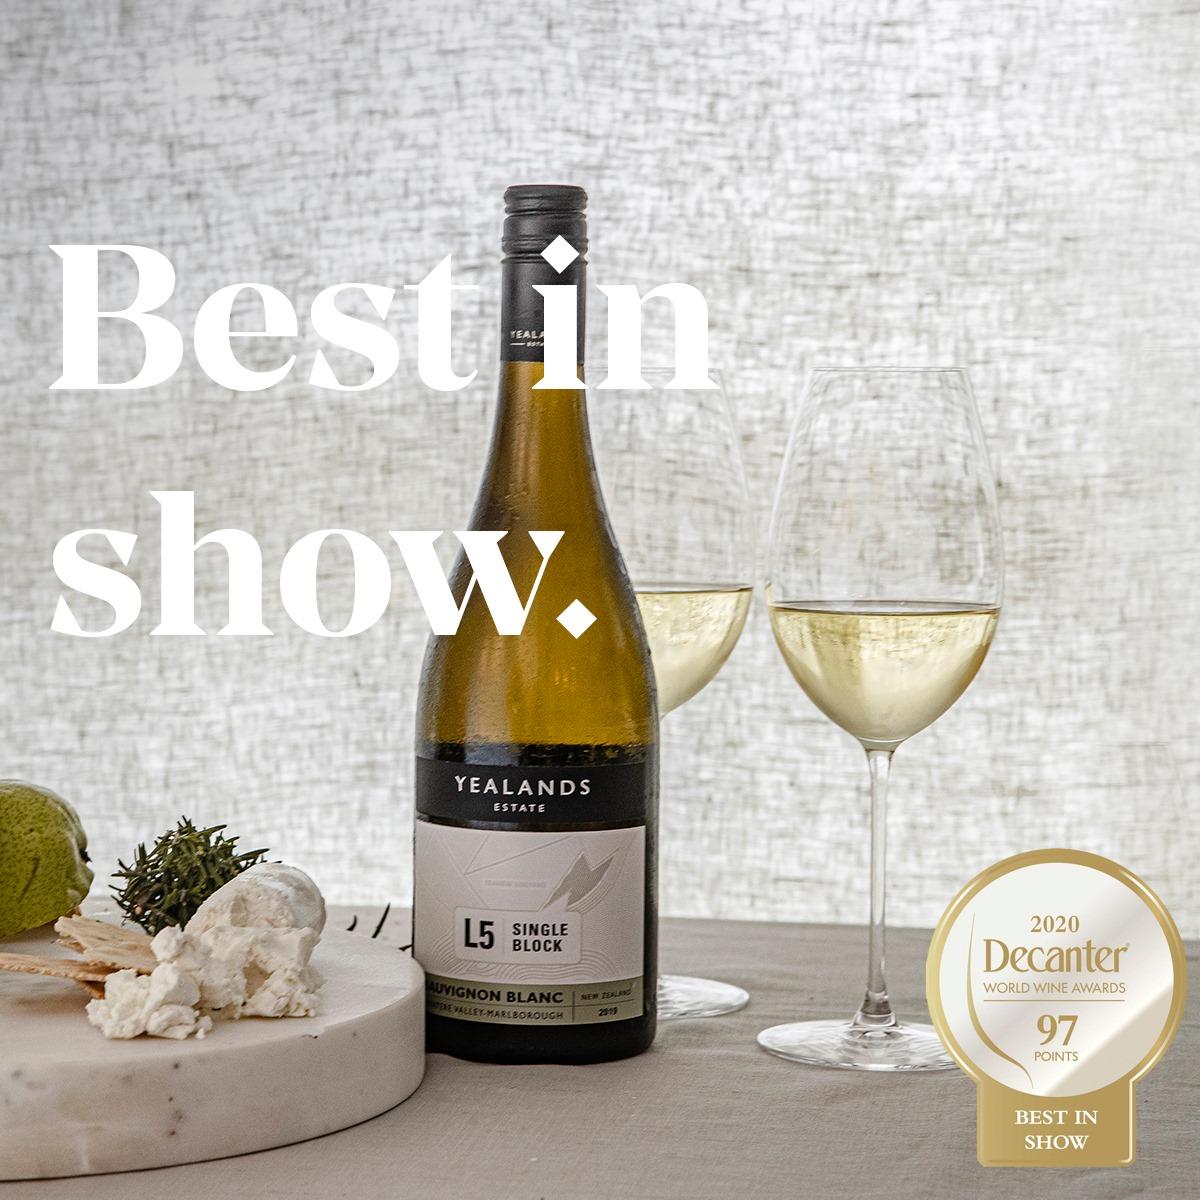 award winning wine best in show